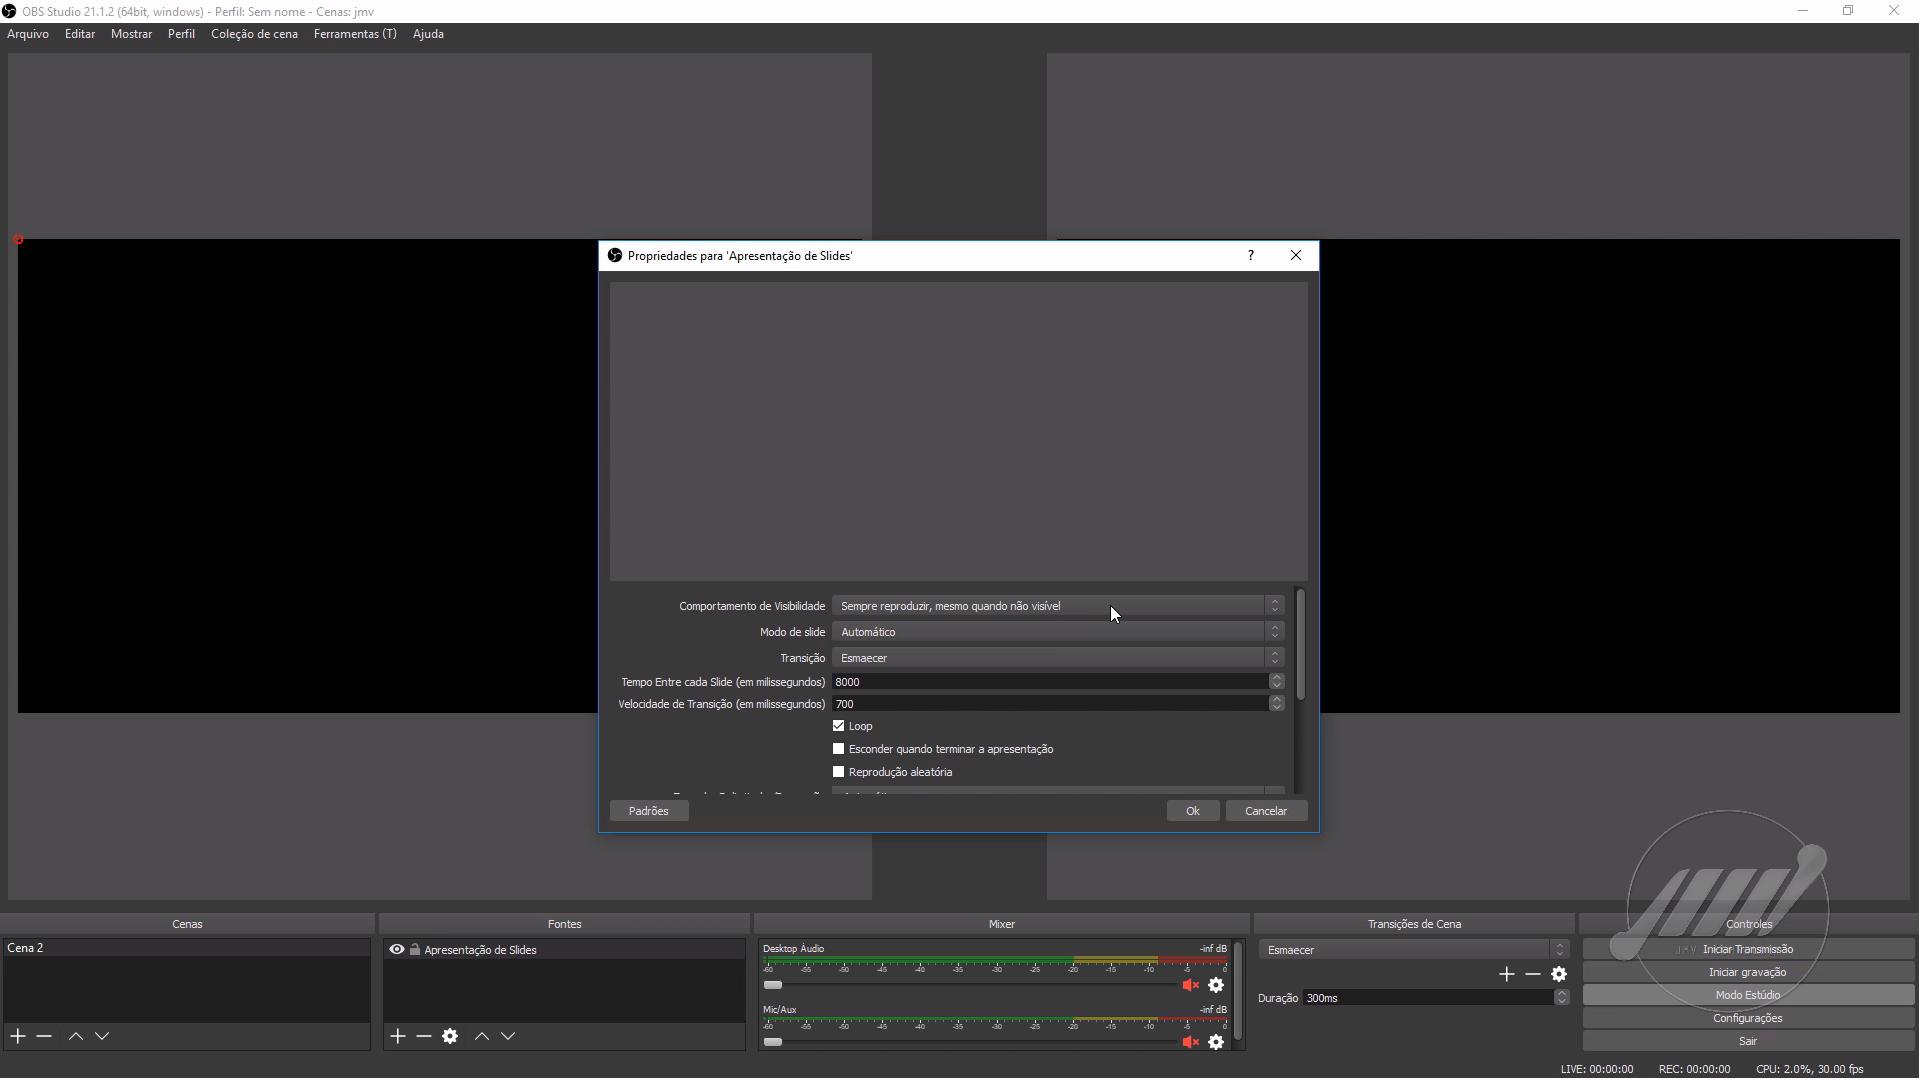 como transmitir slides ao vivo usando o Obs Studio 01